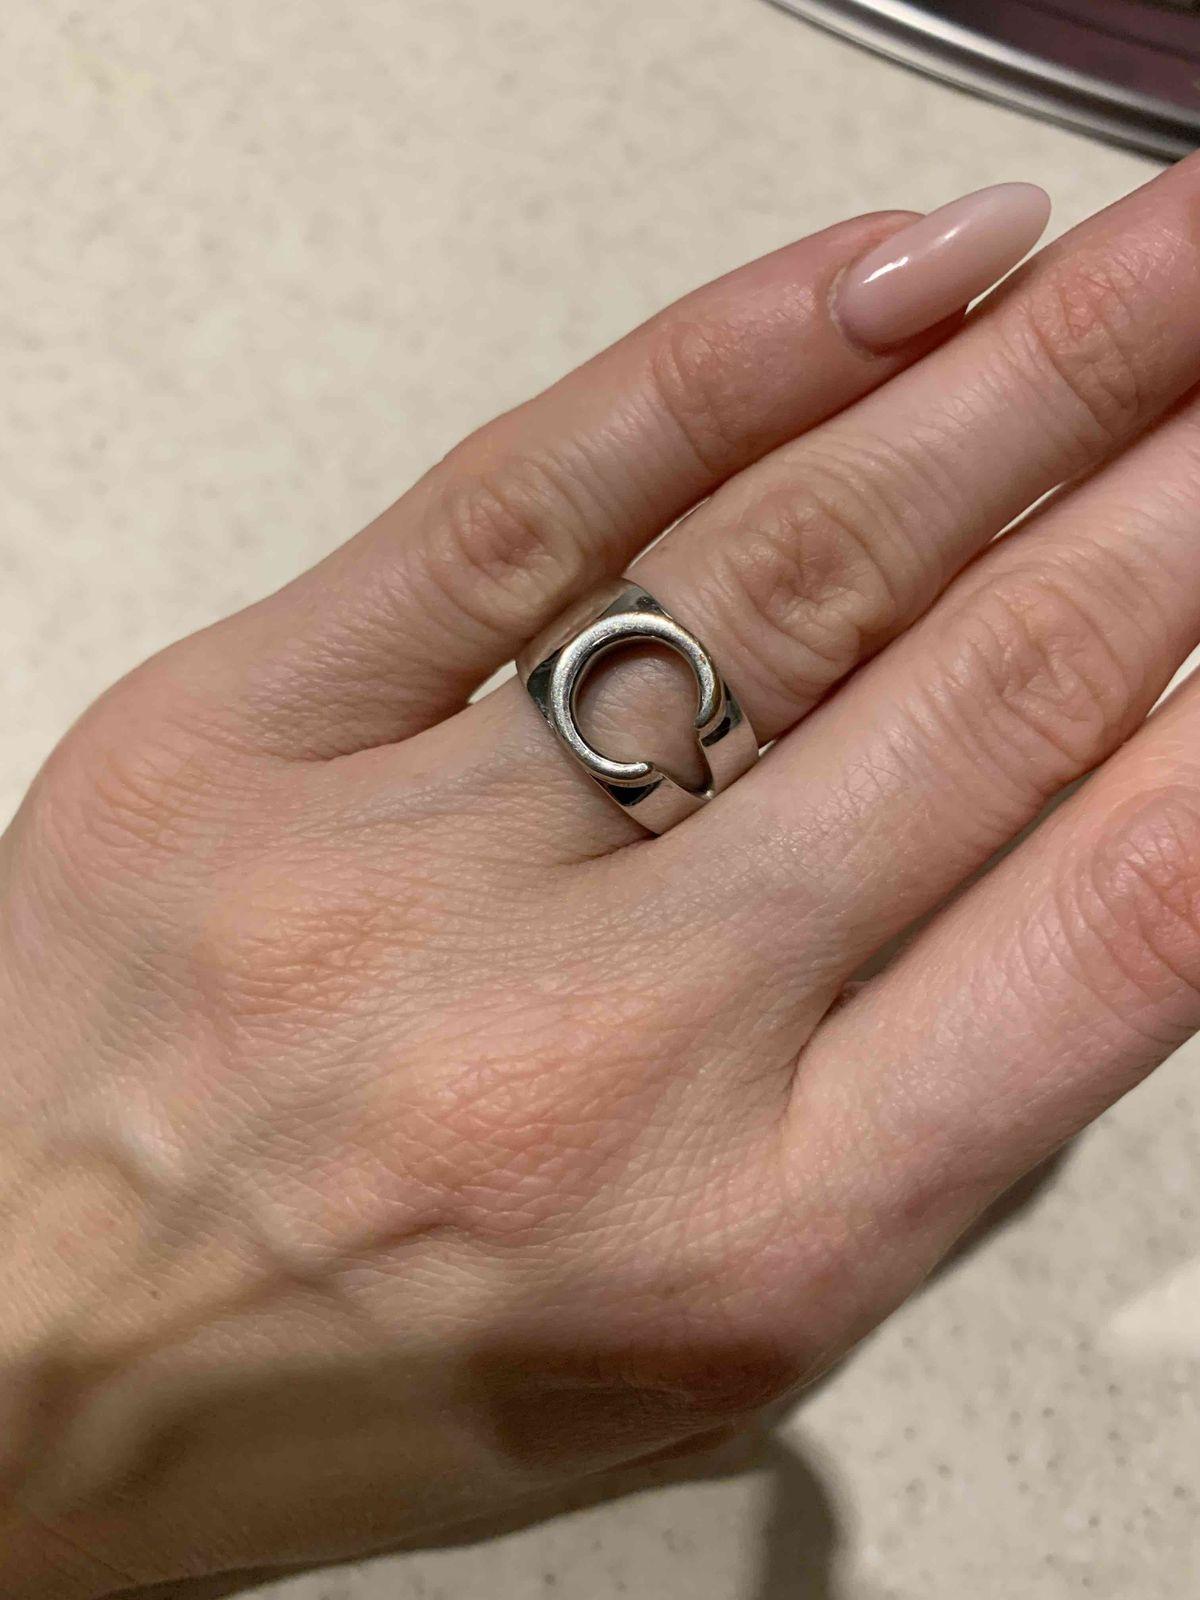 Кольцо супер, но материал не оправдал ожиданий